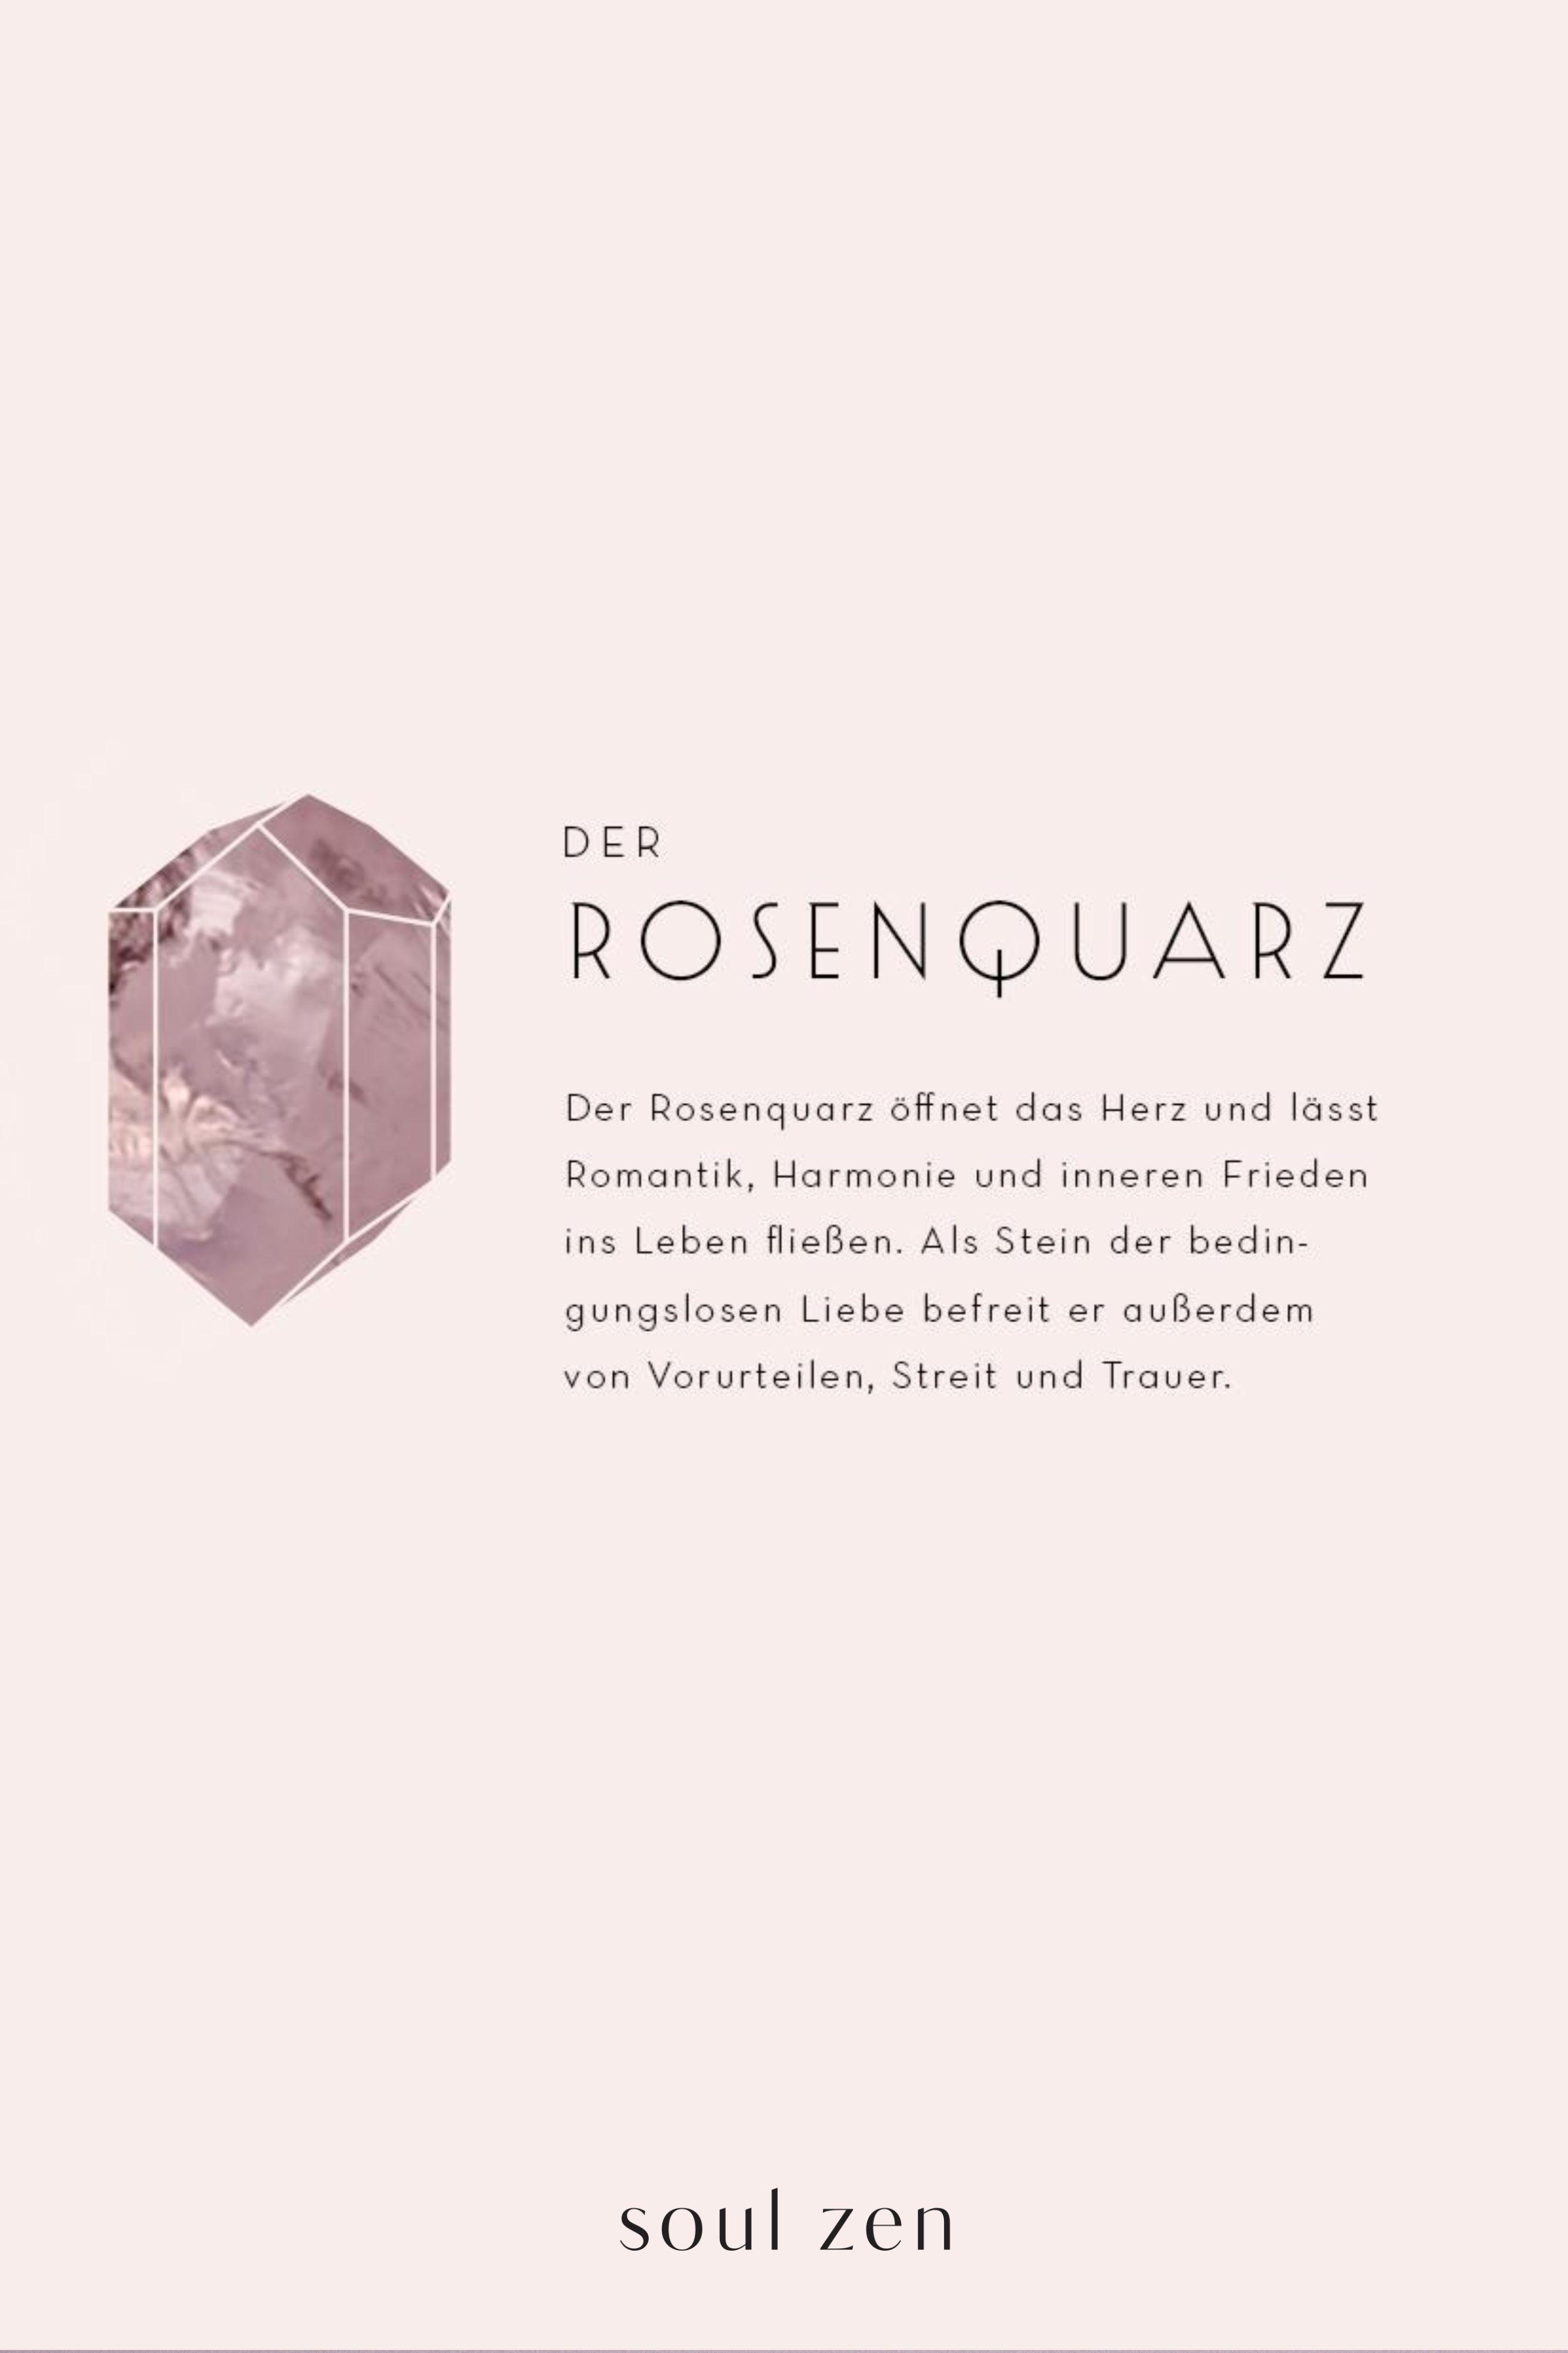 Photo of Rose quartz jewelry and rose quartz products